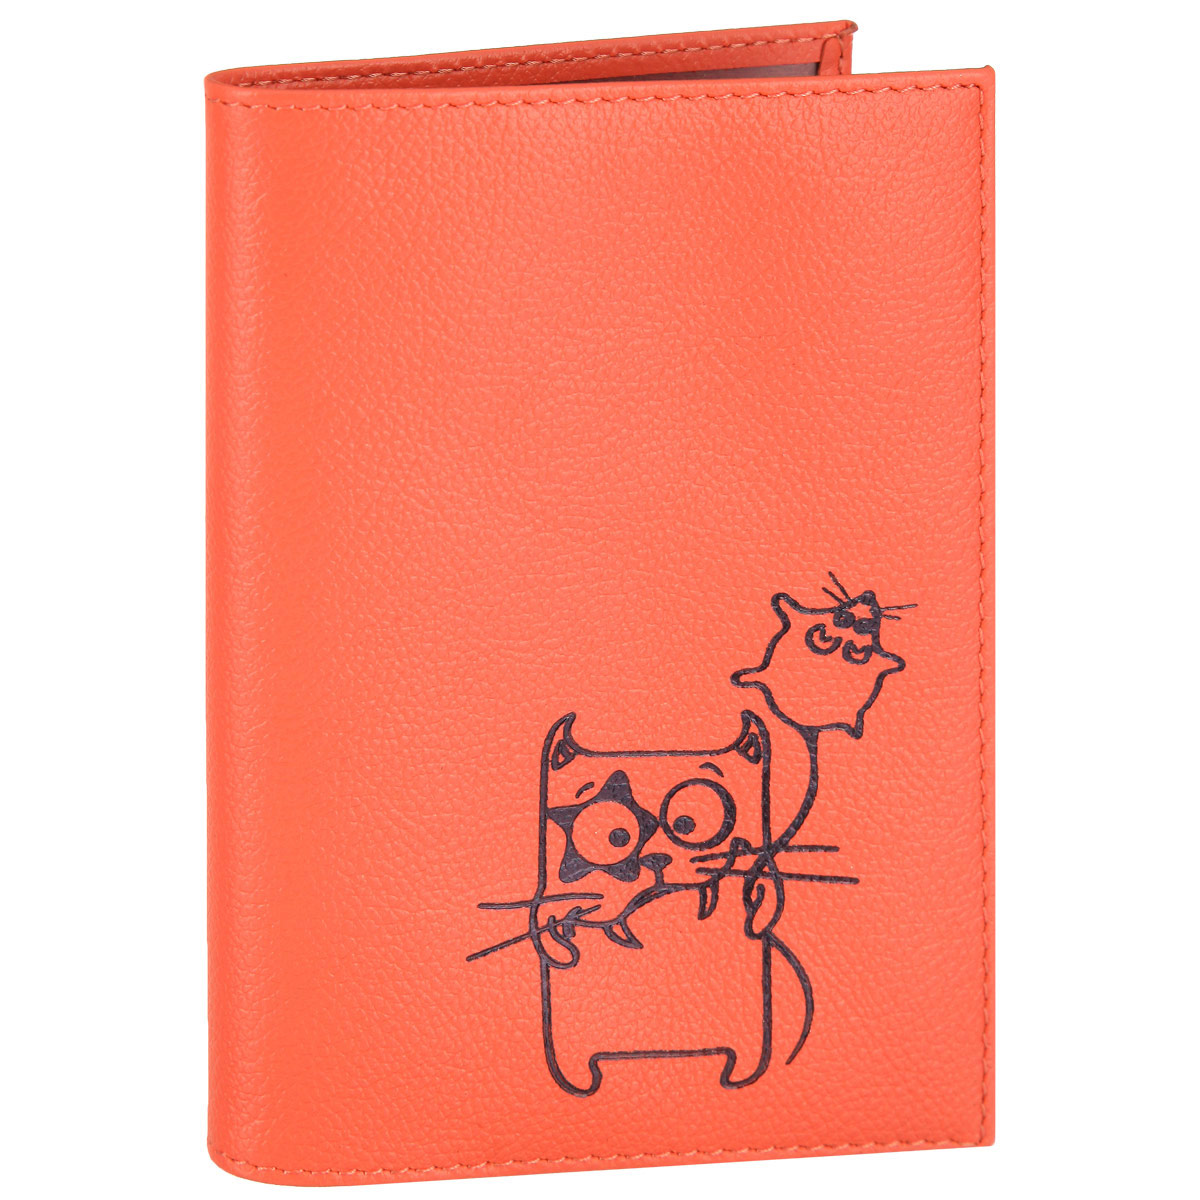 Обложка для паспорта Fabula Friends цвет: грейпфрут. O.30.CHSPEKTR-CATСтильная обложка для паспорта Fabula Friends выполнена из натуральной кожи с зернистой текстурой, оформлена художественной печатью с изображением забавного котика. Обложка для паспорта раскладывается пополам, внутри расположены два пластиковых кармашка.Такая обложка для паспорта станет прекрасным и стильным подарком человеку, любящему оригинальные и практичные вещи.